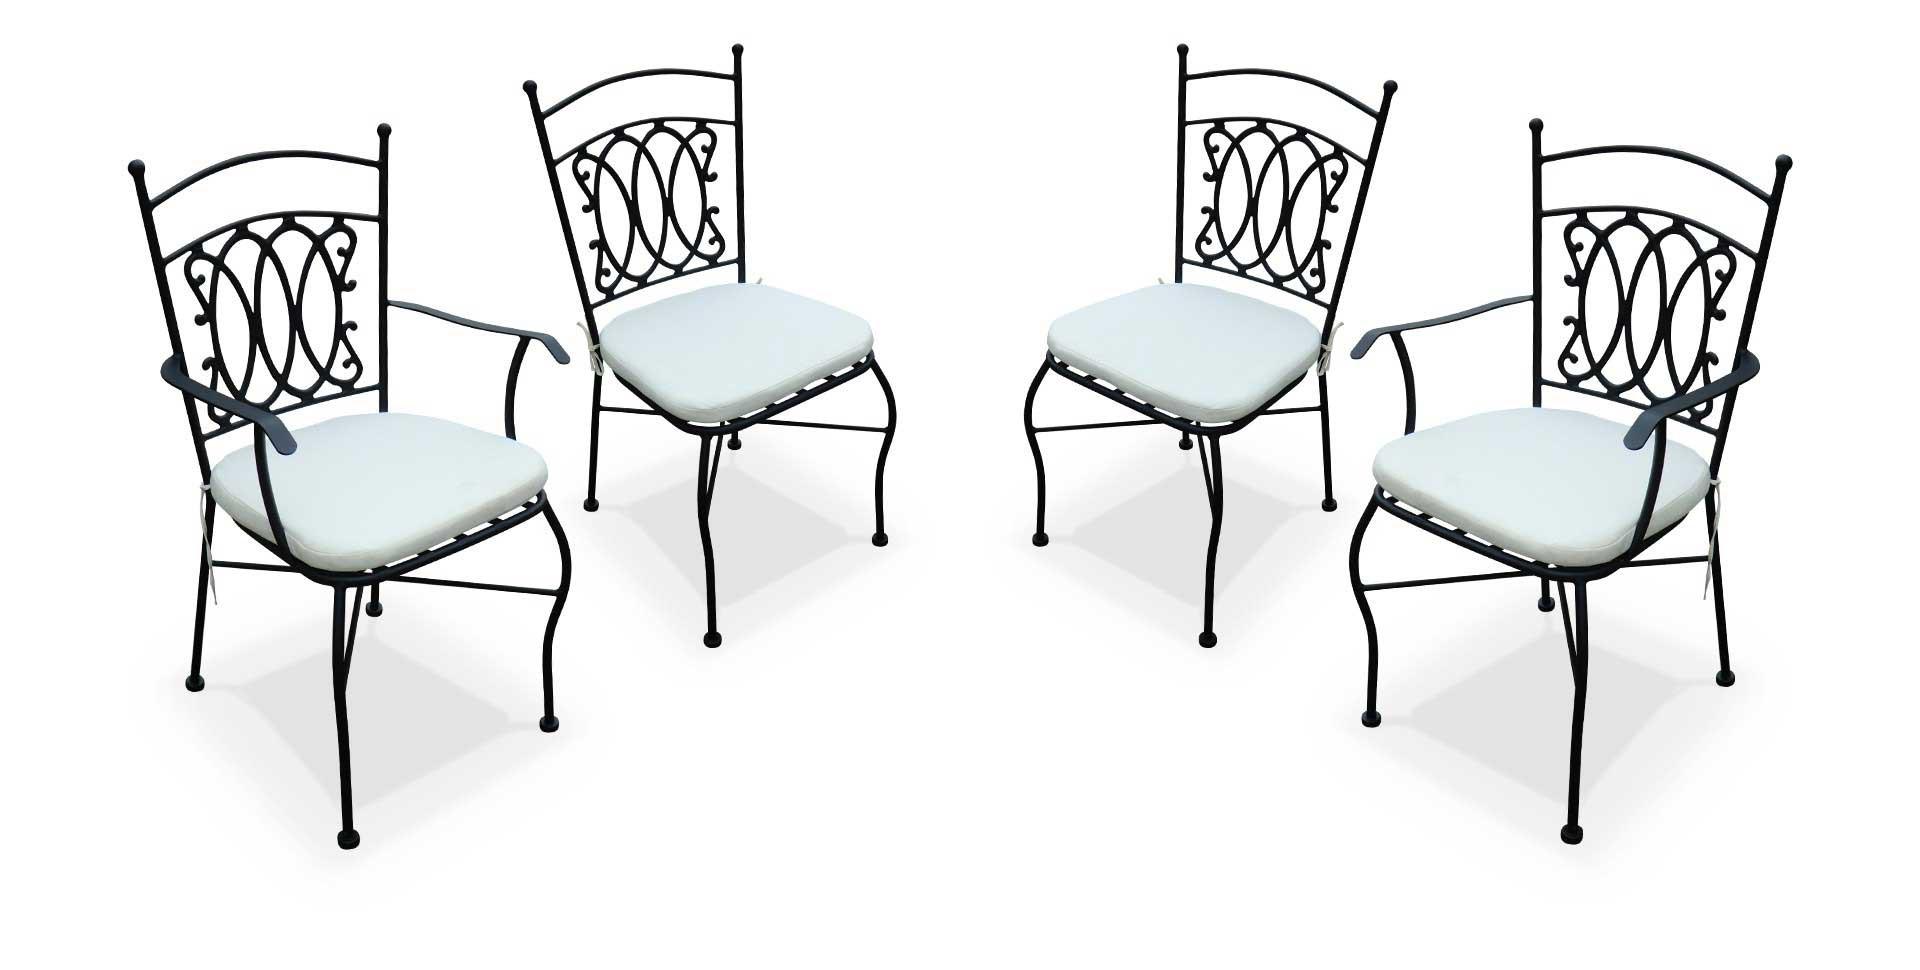 Cuisine Paire De Chaises En Fer Forgé Salon De Jardin